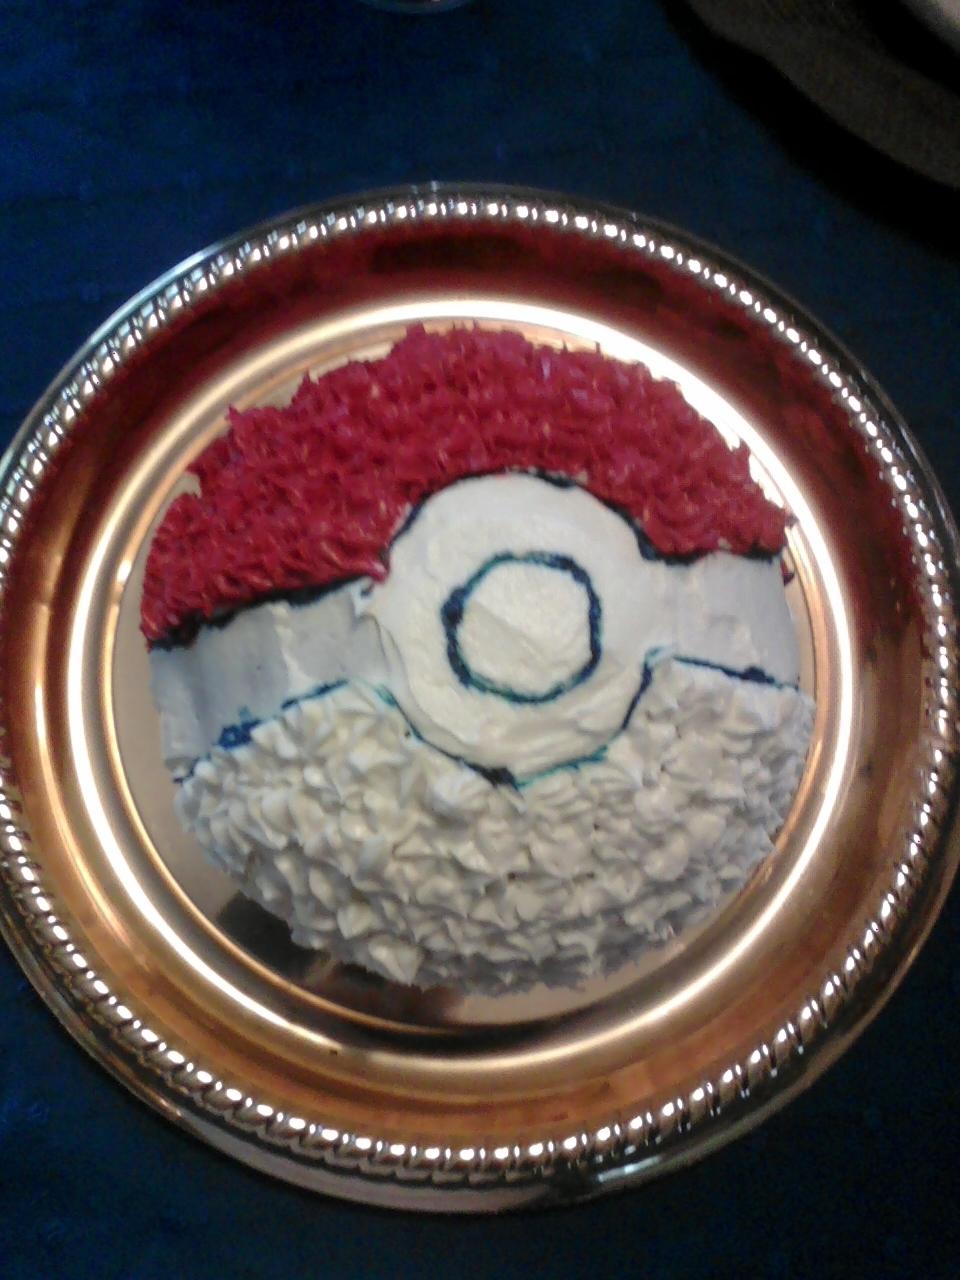 My Pokeball Birthday Cake